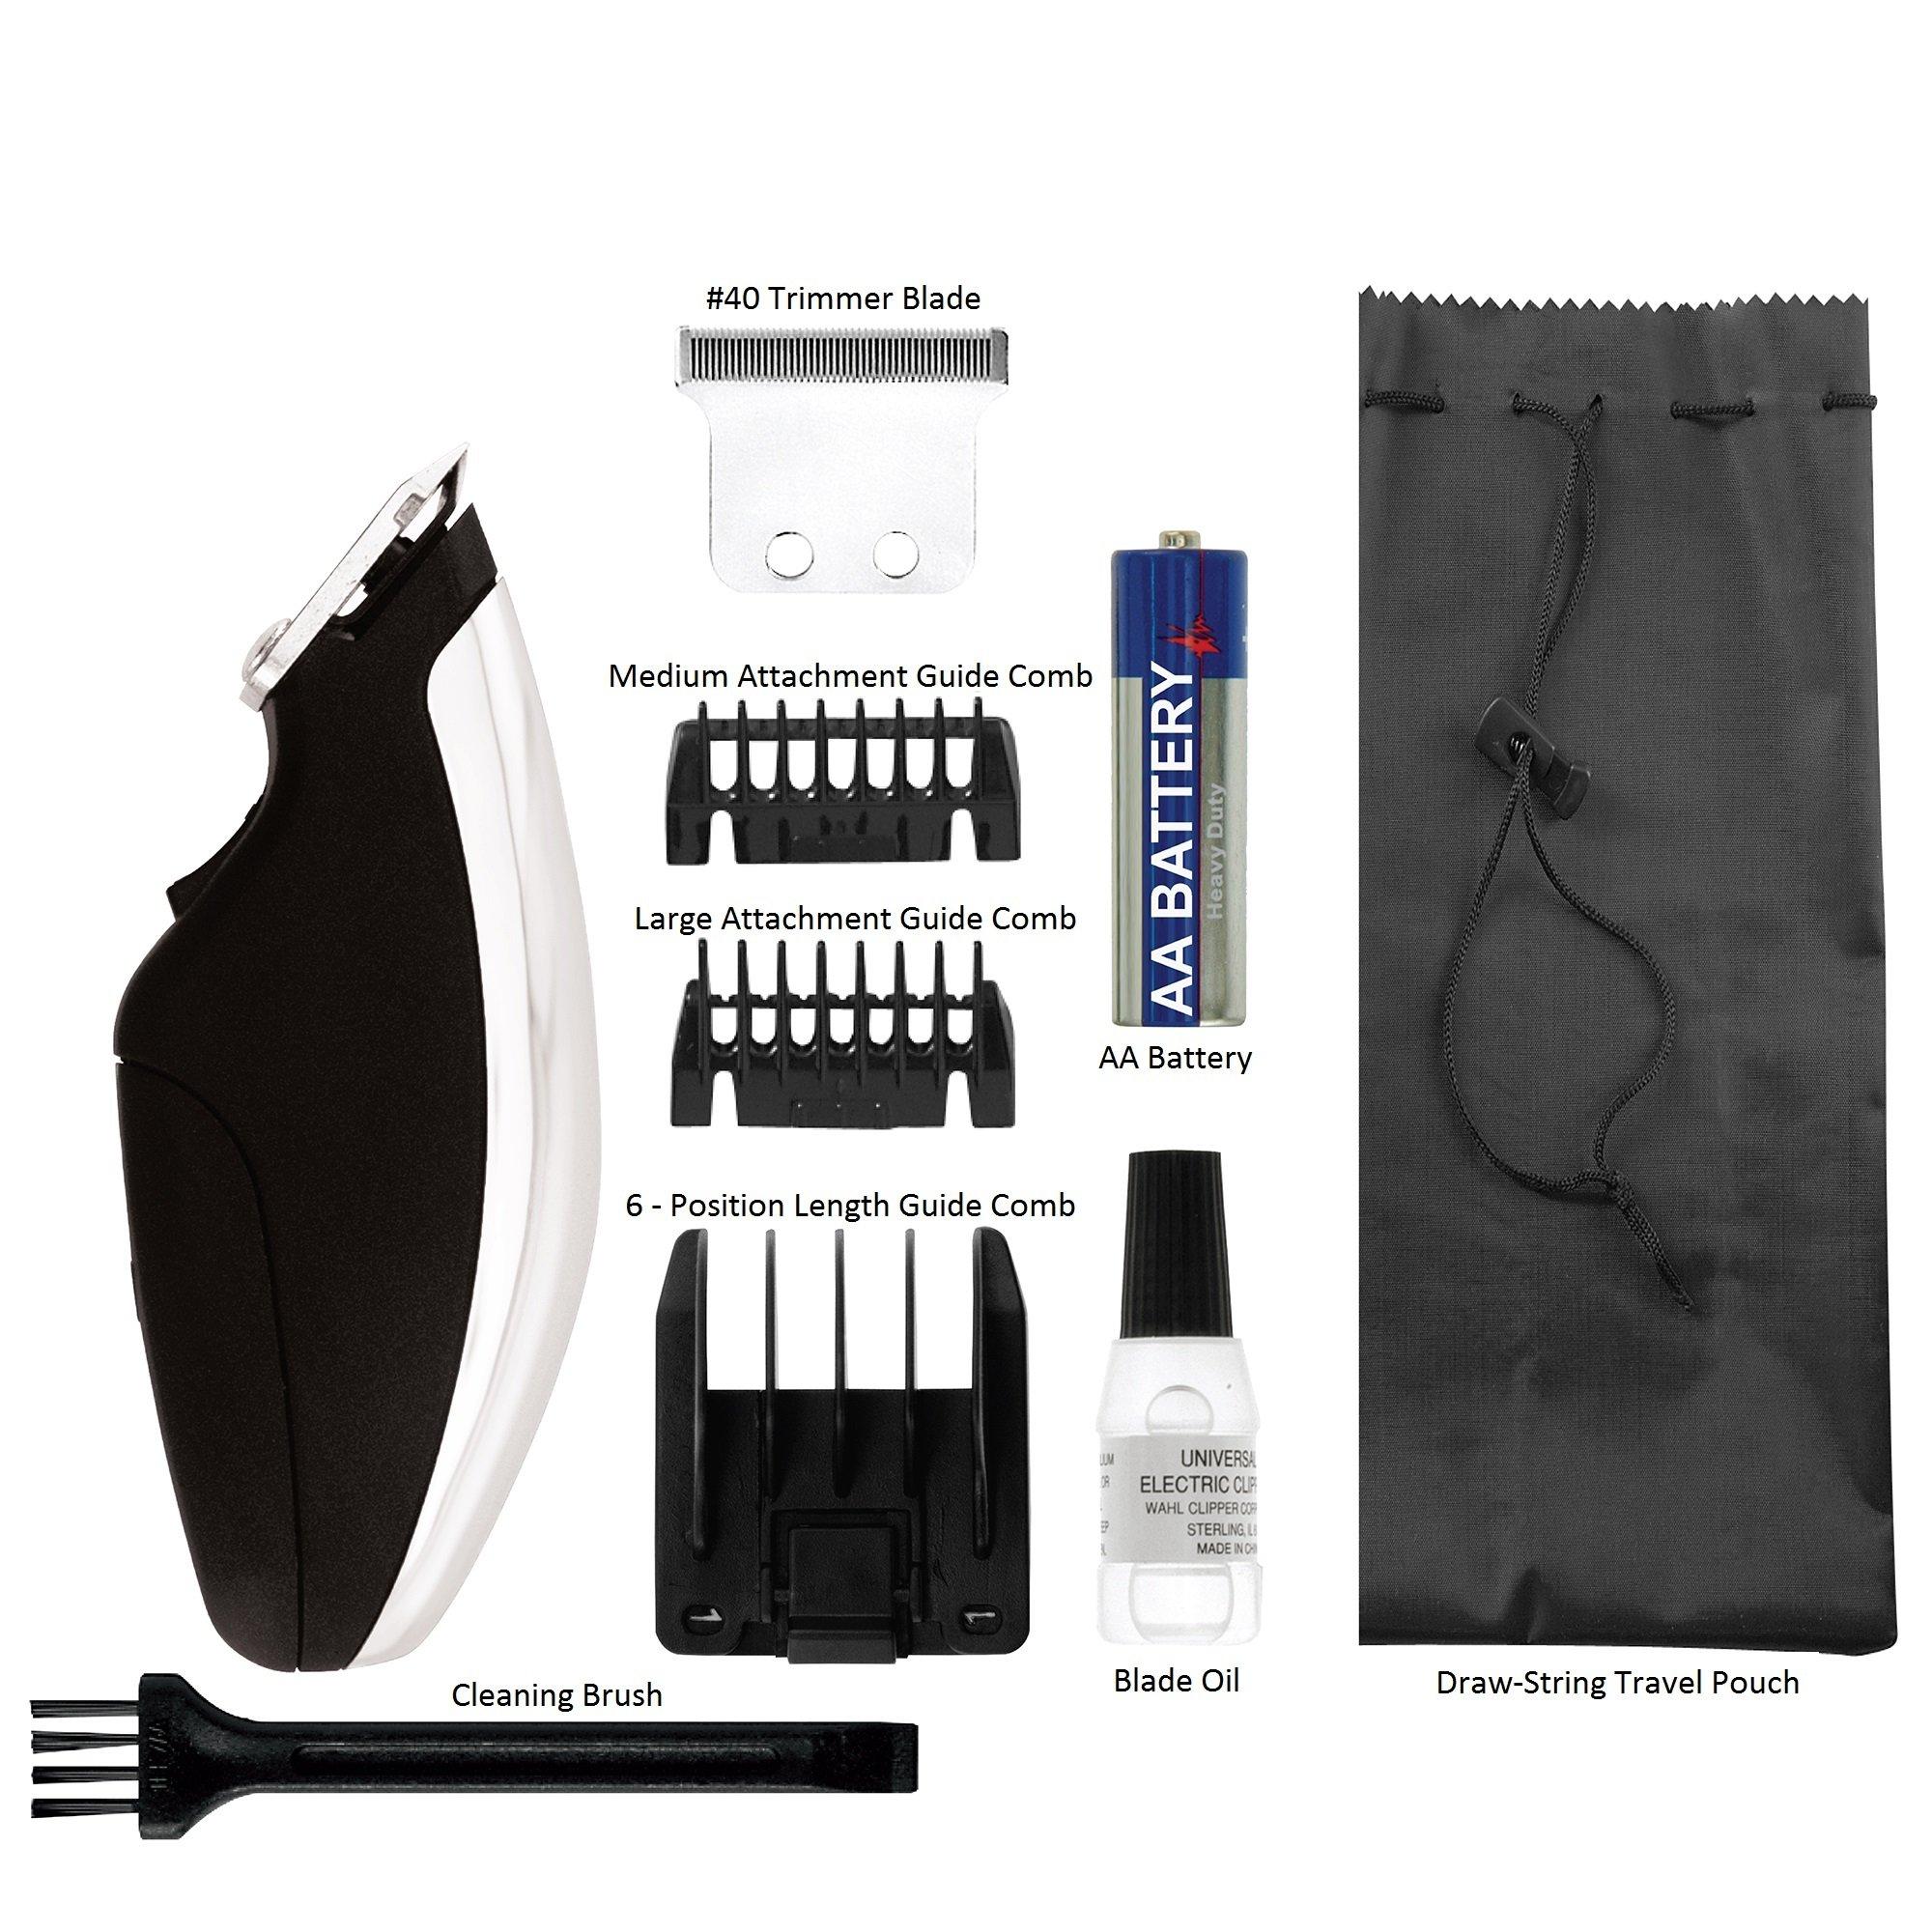 Wahl Professional Animal Equine Super Pocket Pro Trimmer #9961-2881 by Wahl Professional Animal (Image #2)